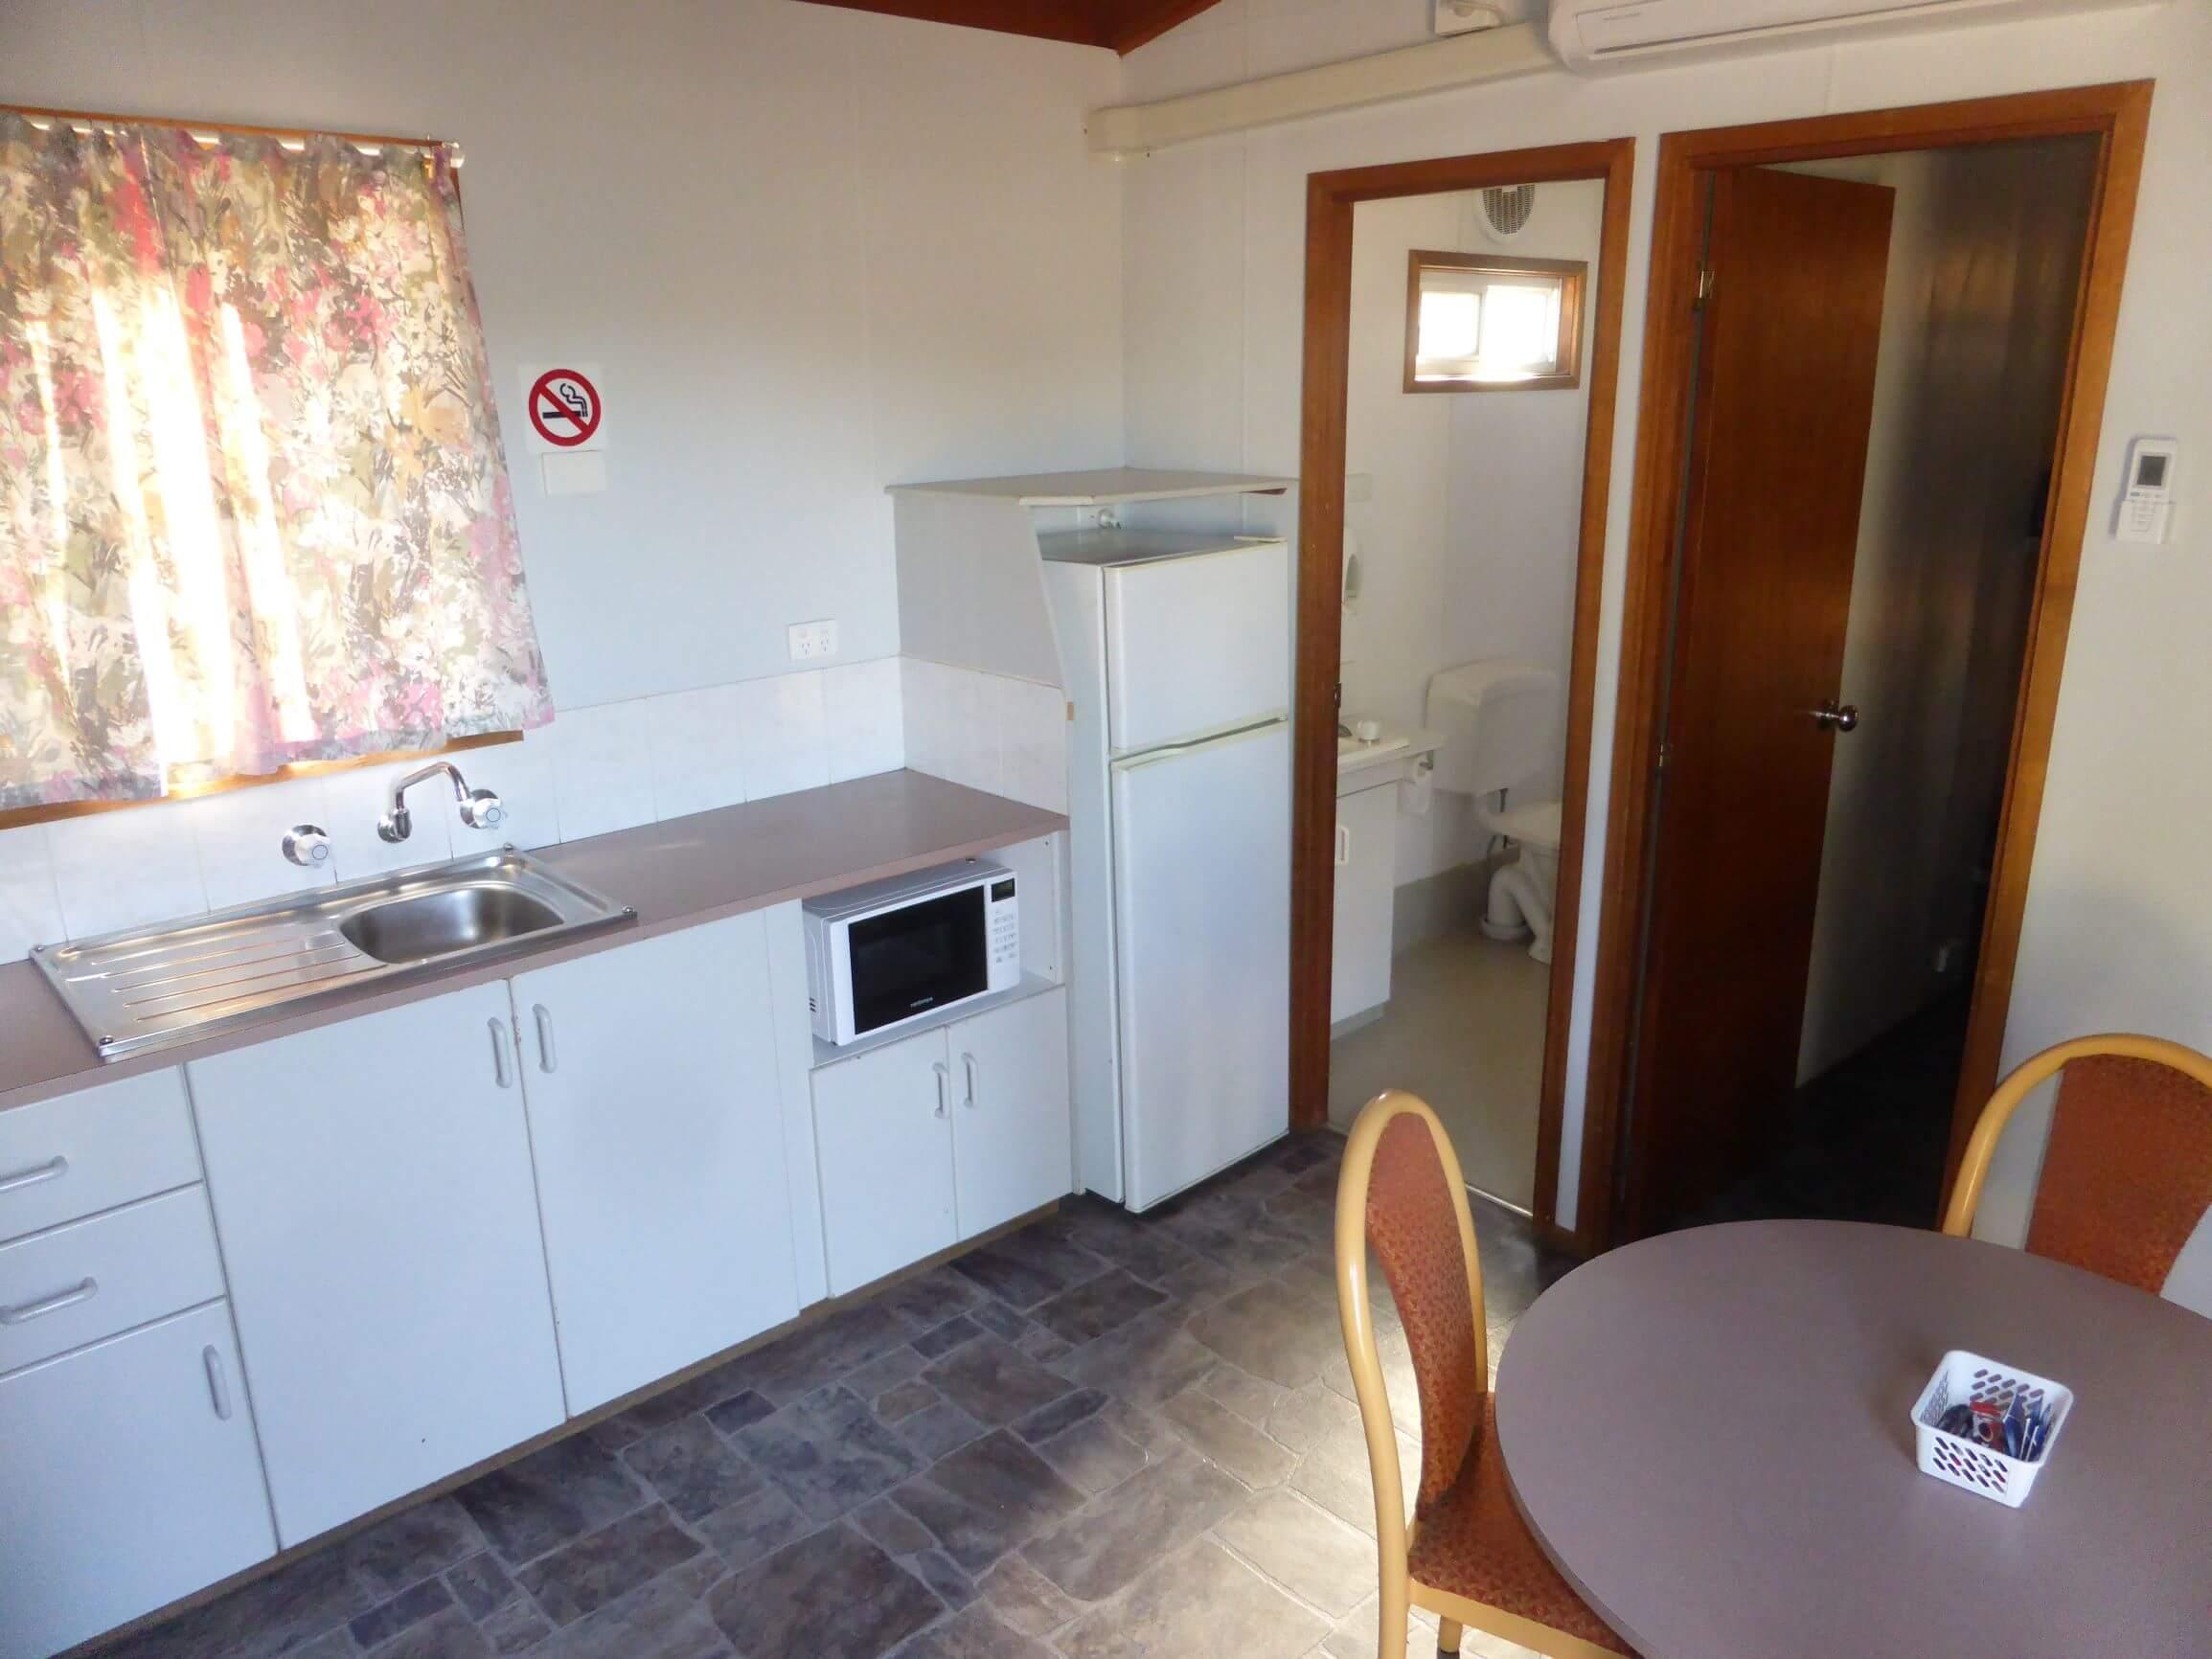 Cabin 7.1